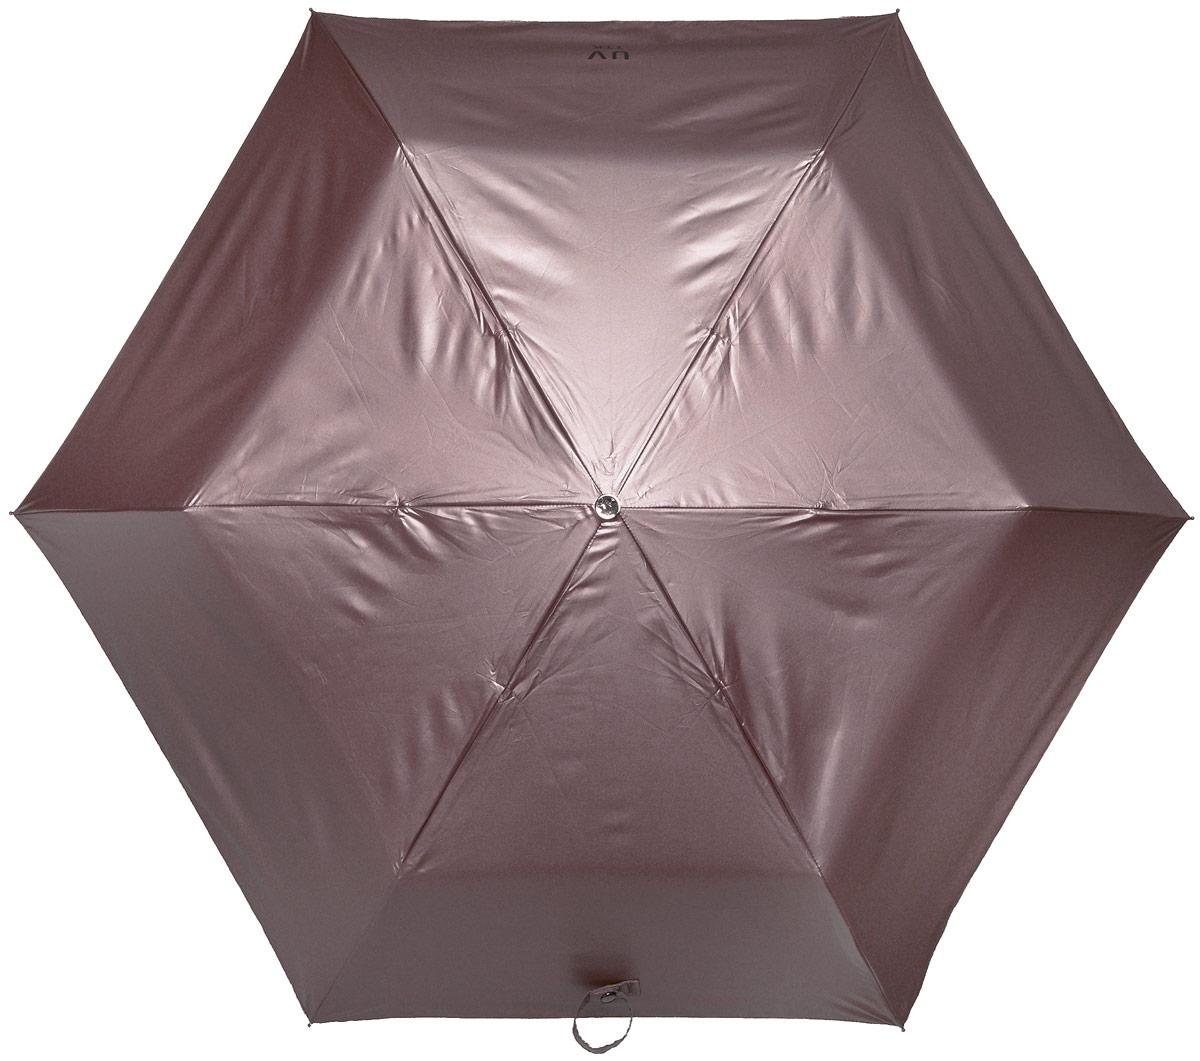 Зонт женский Эврика Звездное небо, механика, 3 сложения, цвет: тауп, черный. 96795Колье (короткие одноярусные бусы)Оригинальный зонт Эврика не оставит вас незамеченной. С внешней стороны купол оформлен с металлическим оттенком, а с внутренней - в виде черного неба с созвездиями.Стержень изделия изготовлен из металла. Купол выполнен из качественного нейлона, который не пропускает воду. Зонт состоит из шести спиц, изготовленных из металла с элементами из пластика и пластиковой ручки. Зонт имеет механический способ сложения: и купол, и стержень открываются вручную до характерного щелчка. Ручка дополнена петлей, благодаря которой зонт можно носить на запястье. К зонту прилагается чехол. Благодаря своему небольшому размеру, зонт легко пометится в сумку. Раскрыв зонт можно увидеть внутри ночное небо с созвездиями. Зонт-планетарий станет отличным подарком и надежной защитой от непогоды.